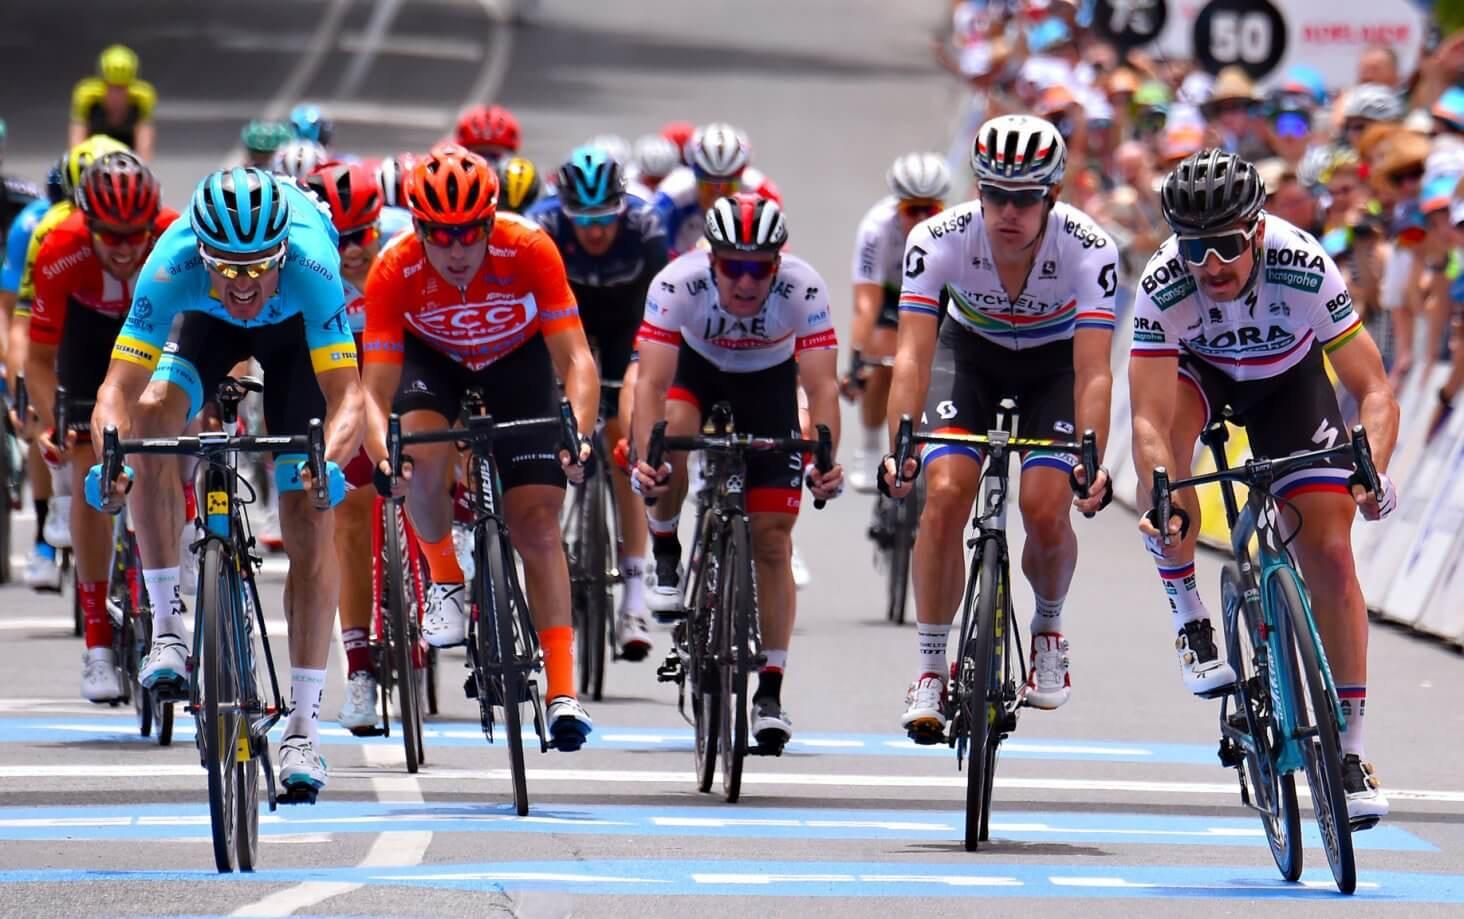 Northwave - L.L Sanchez grazes win at Tour Down Under